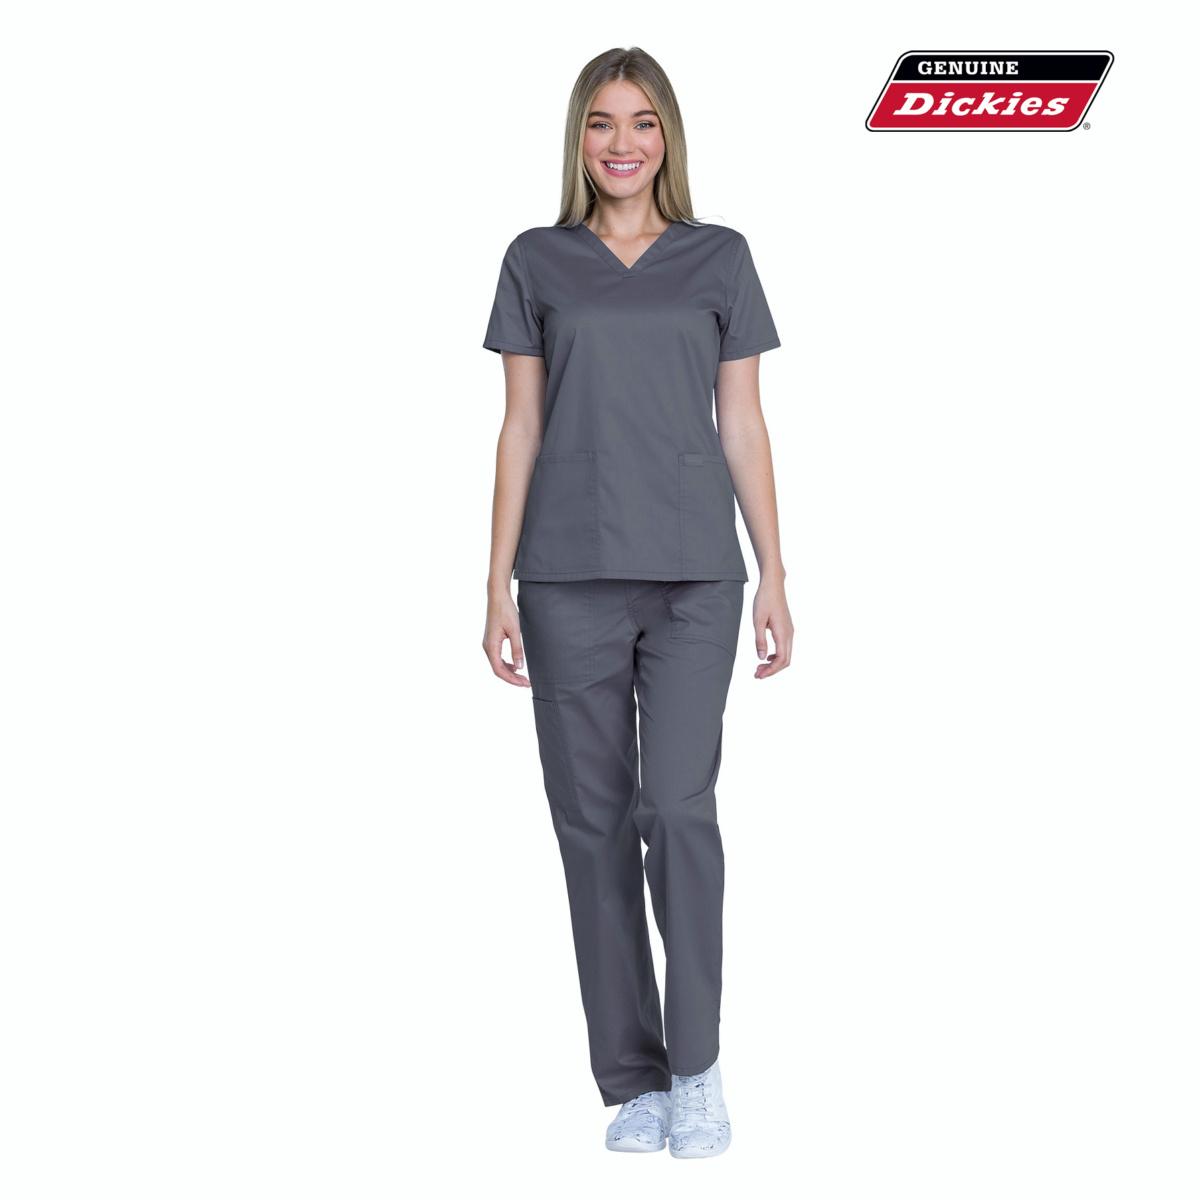 Женский медицинский костюм Dickies цвет серый для врачей